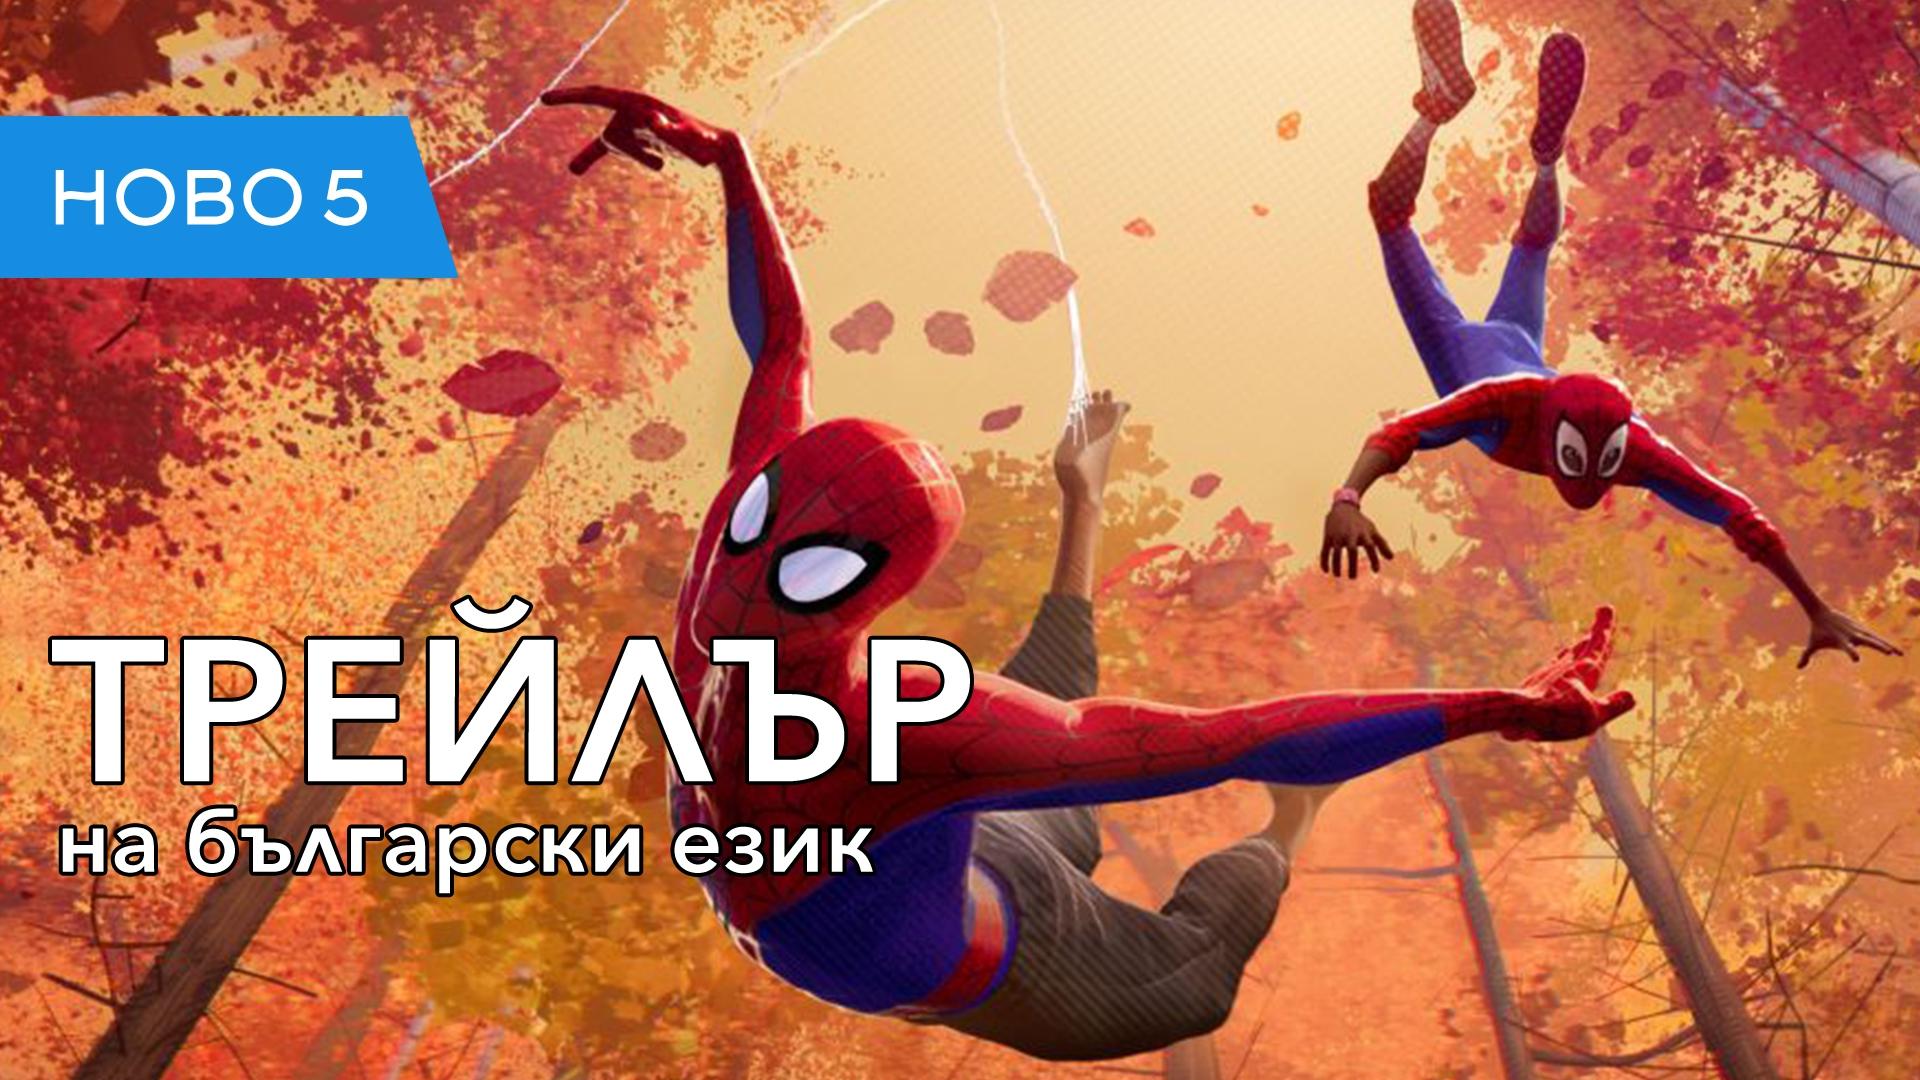 Спайдър-мен: В Спайди-вселената (2018) трейлър на български език